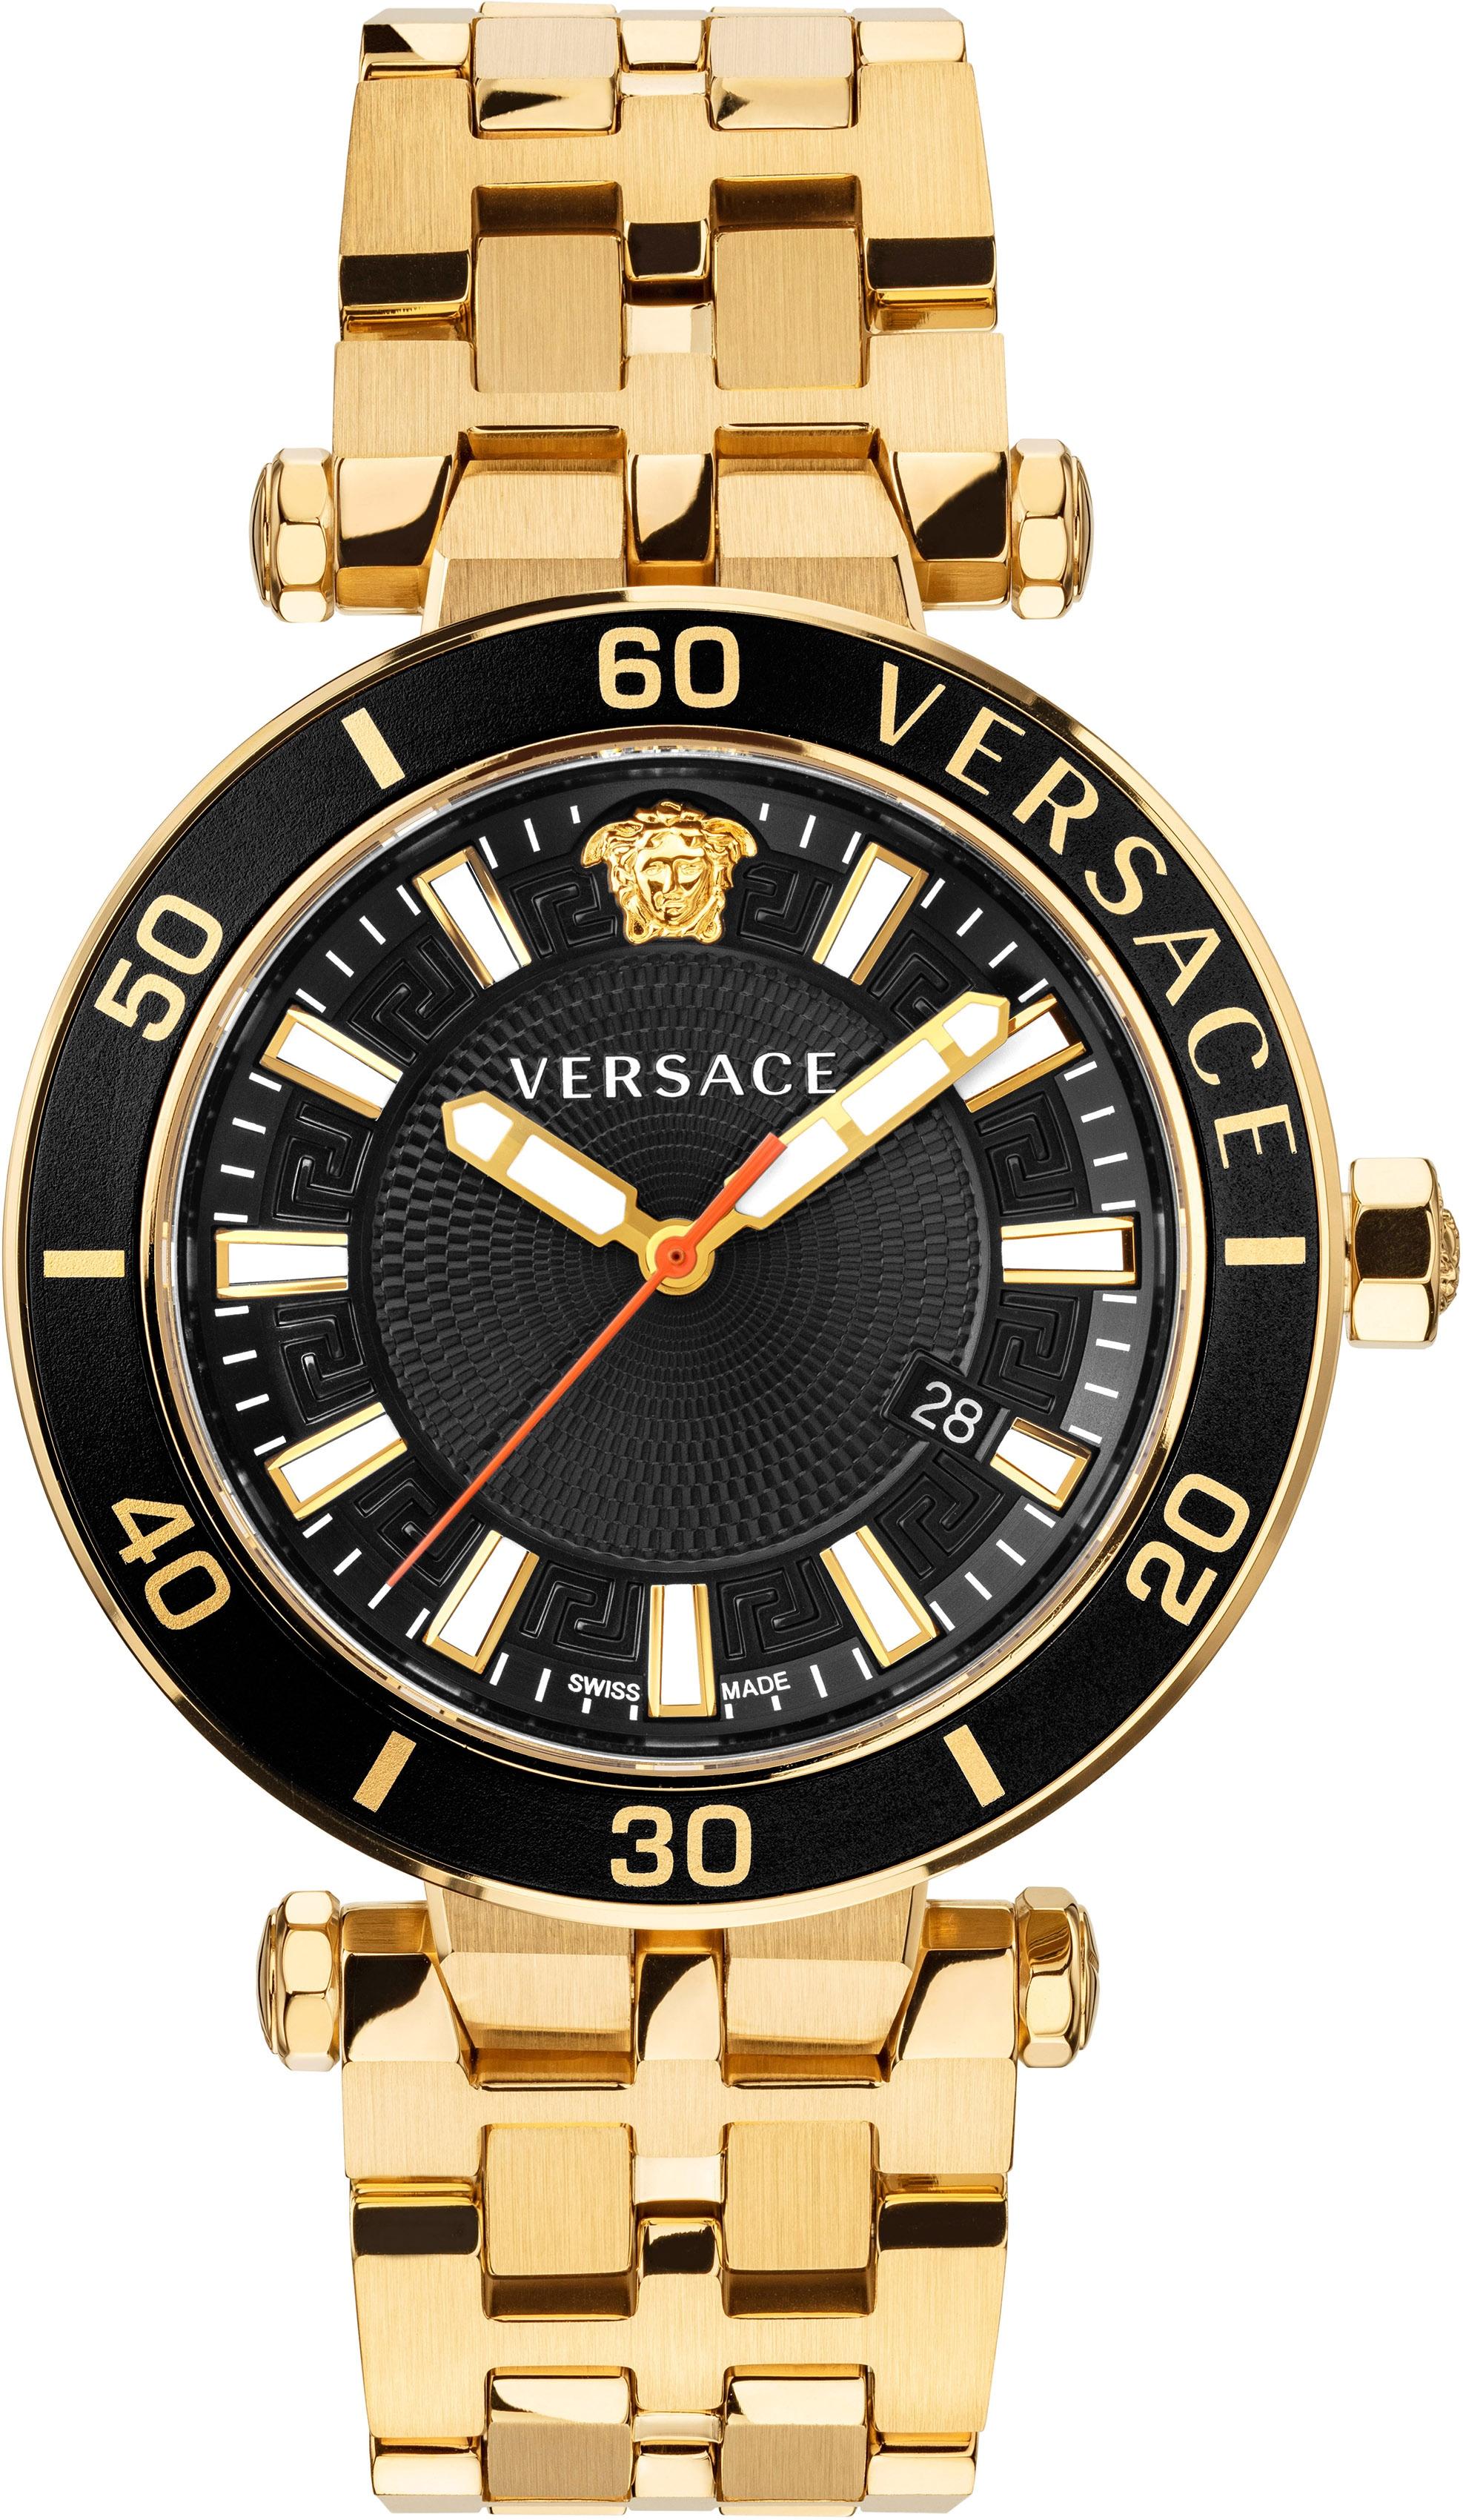 versace -  Schweizer Uhr GRECA SPORT, VEZ300721